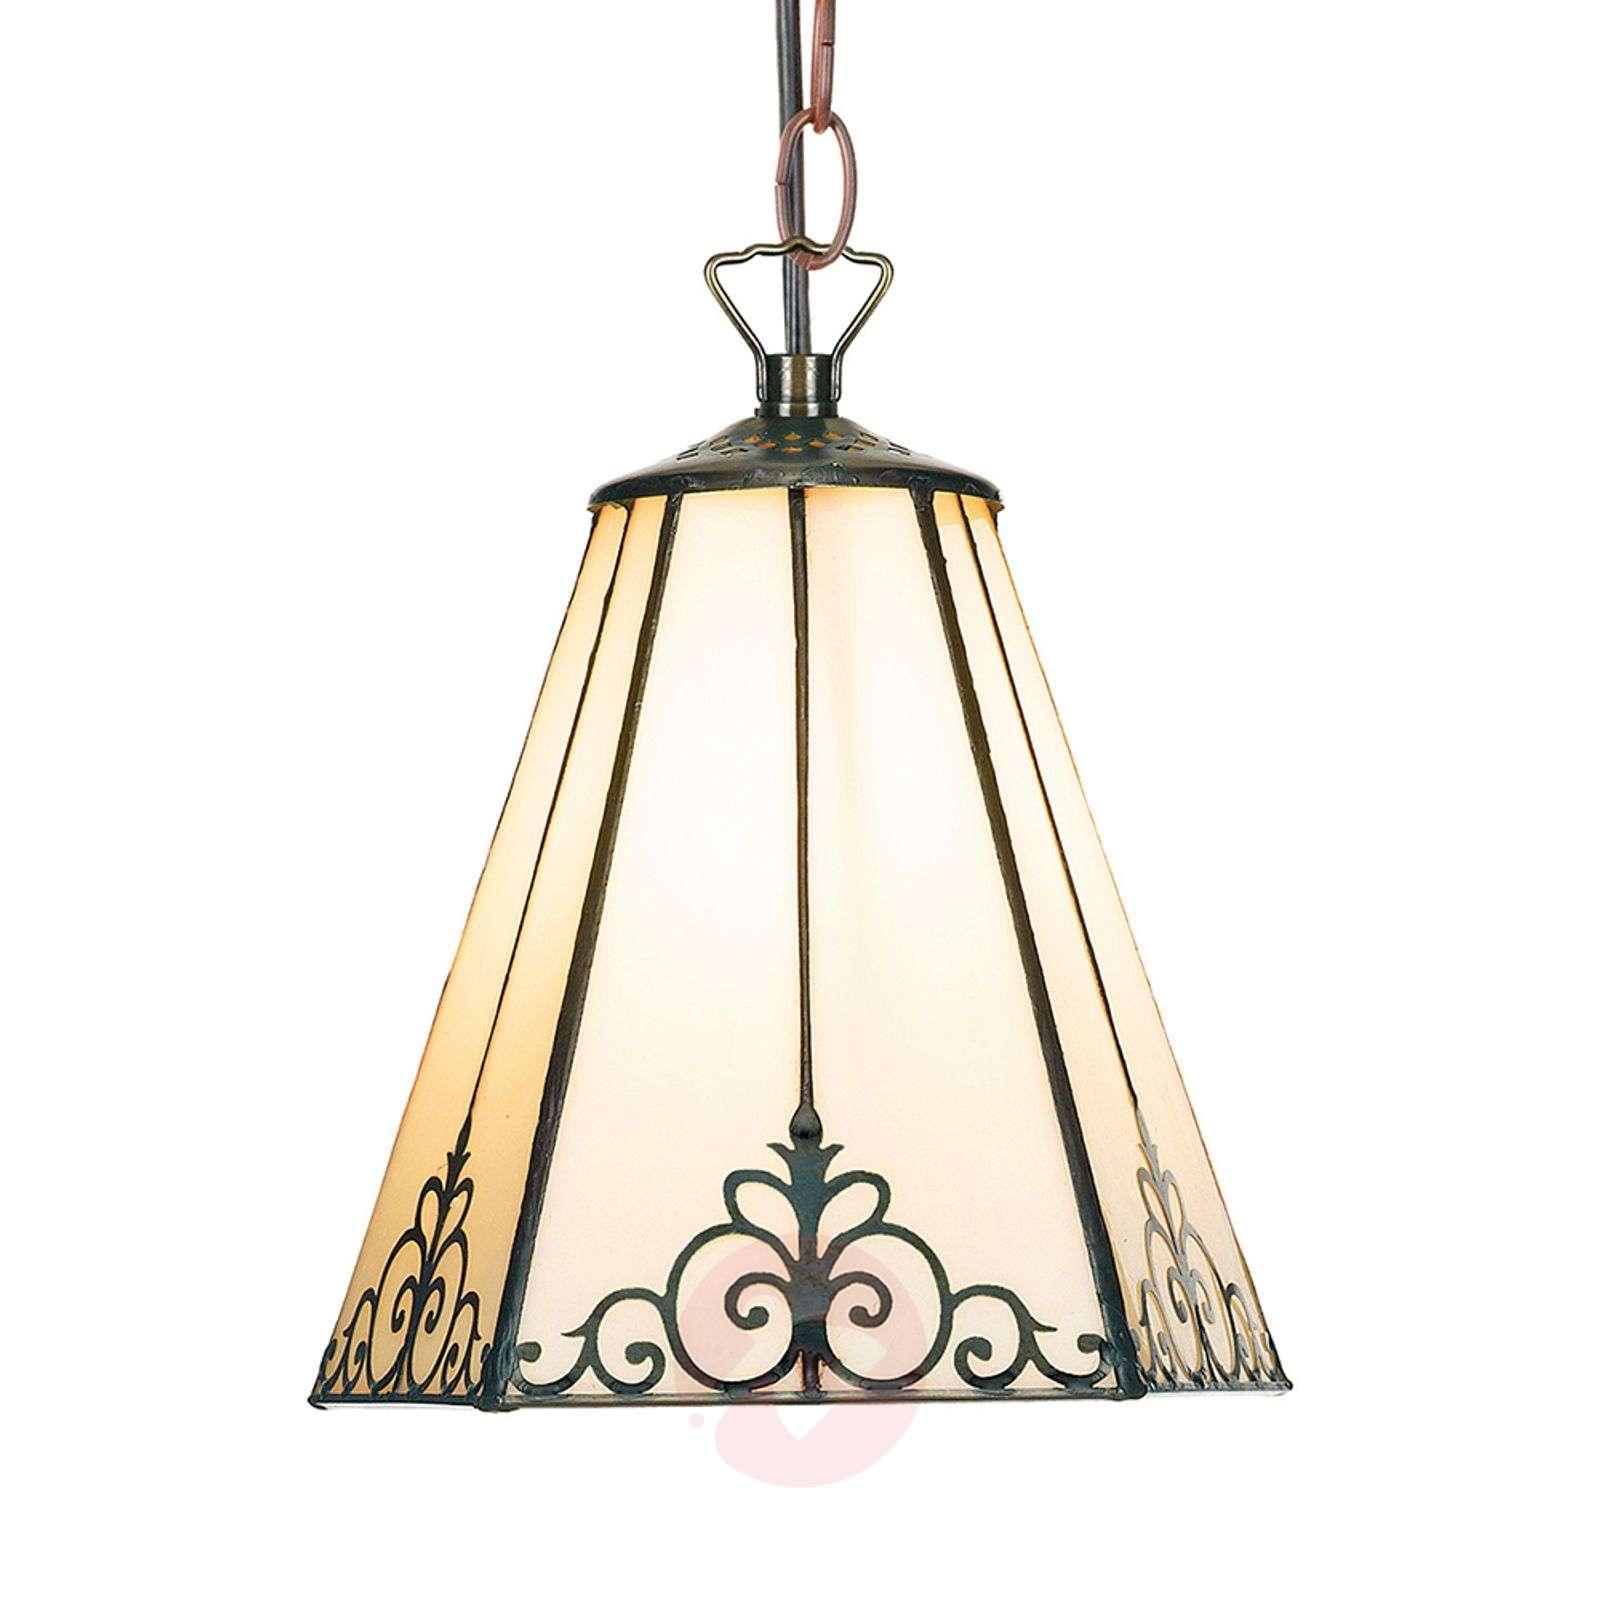 Cream-coloured hanging light Janett, 19 cm-1032309-02